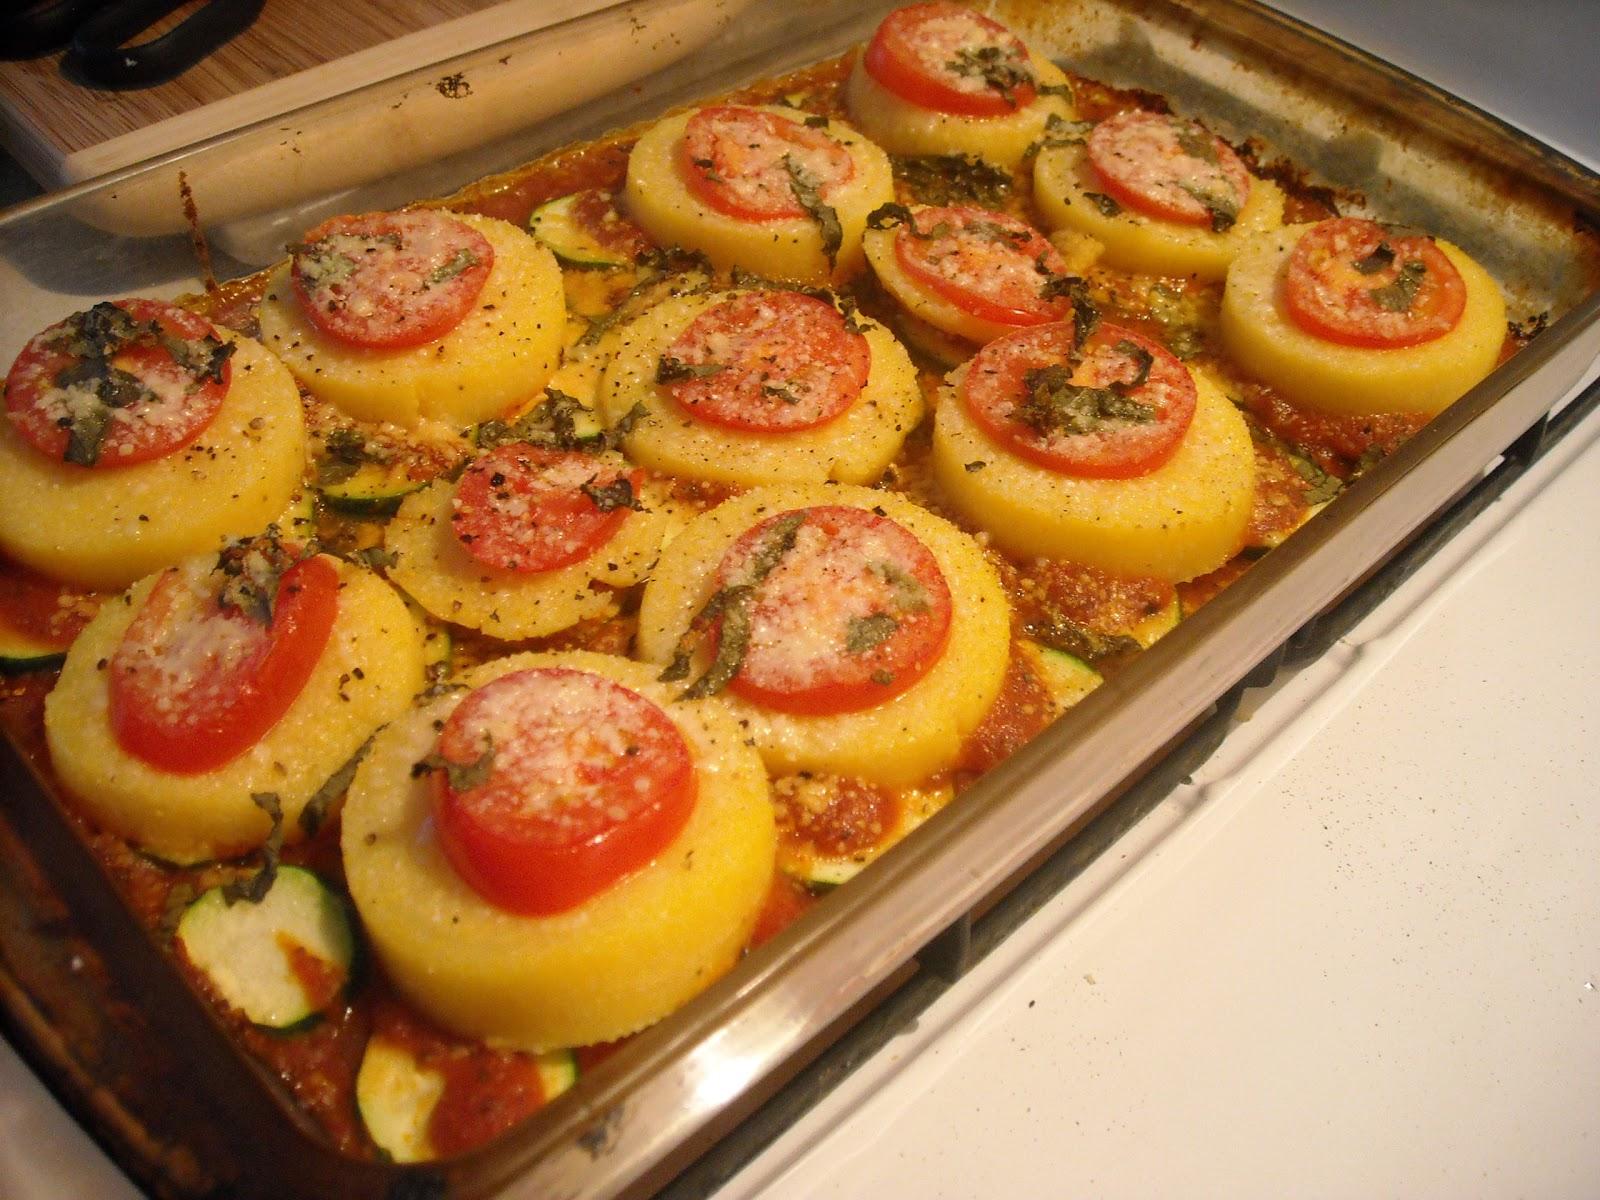 Baked polenta recipe - Baked polenta cheese recipes ...